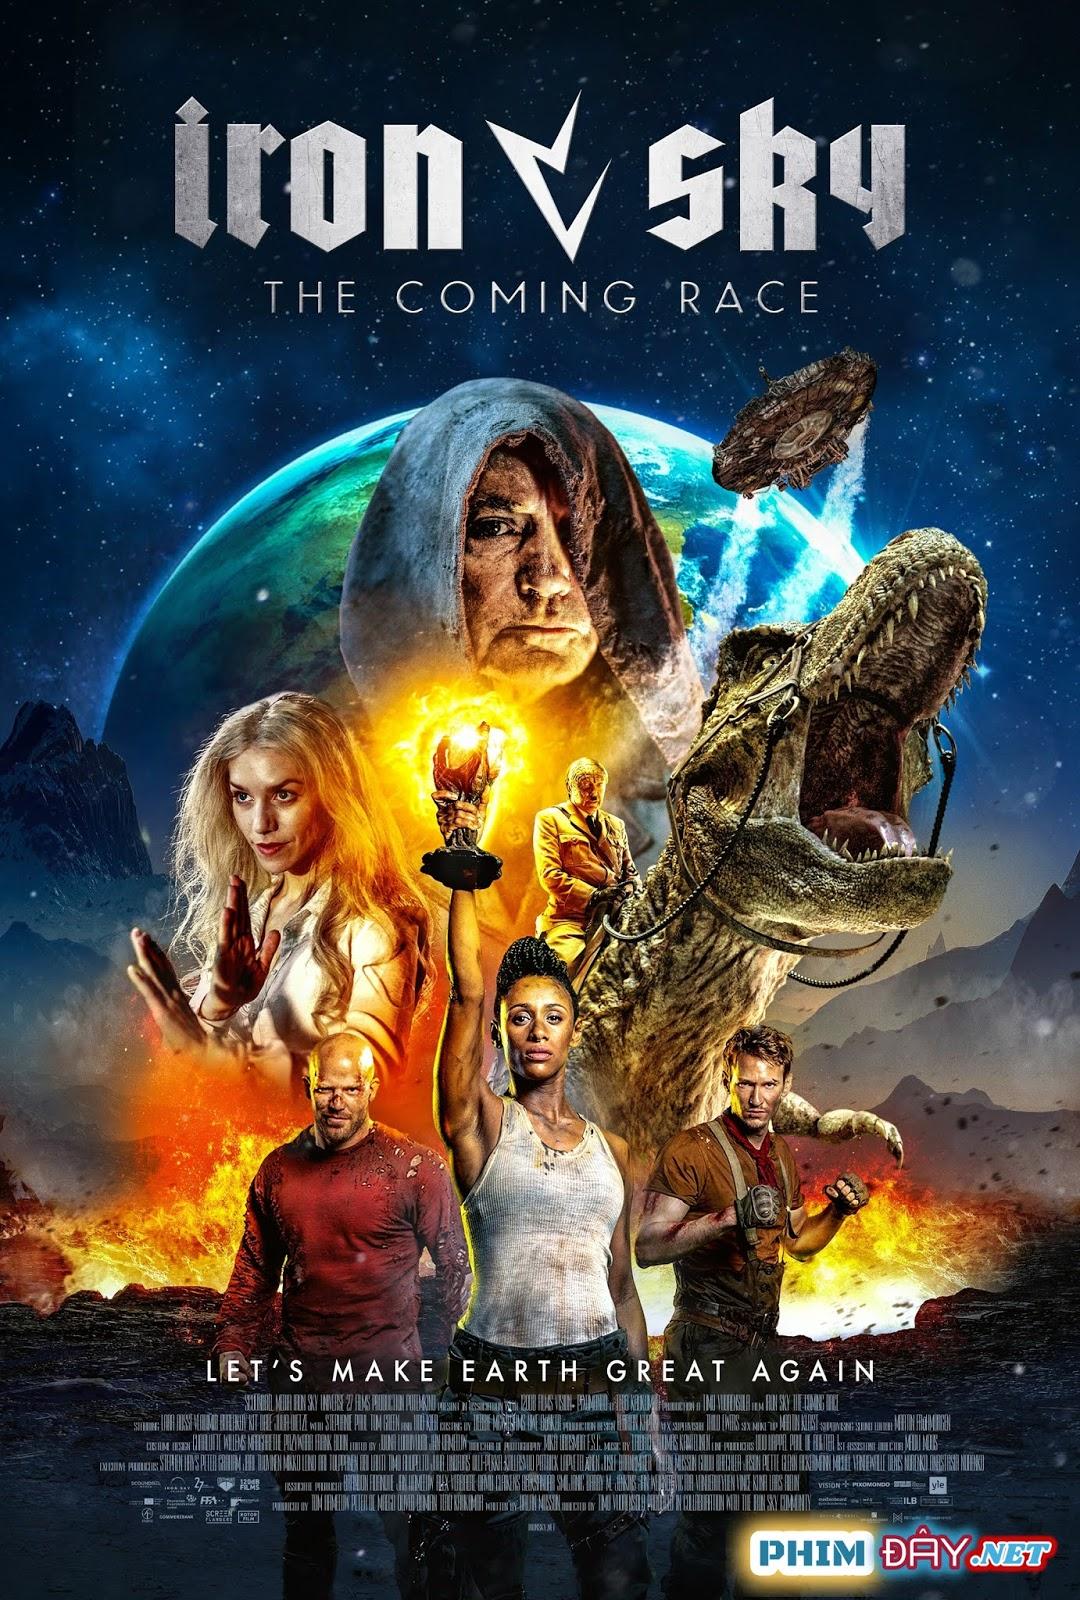 BẦU TRỜI THÉP 2: KHỦNG LONG TRỖI DẬY - Iron Sky 2: The Coming Race (2019)